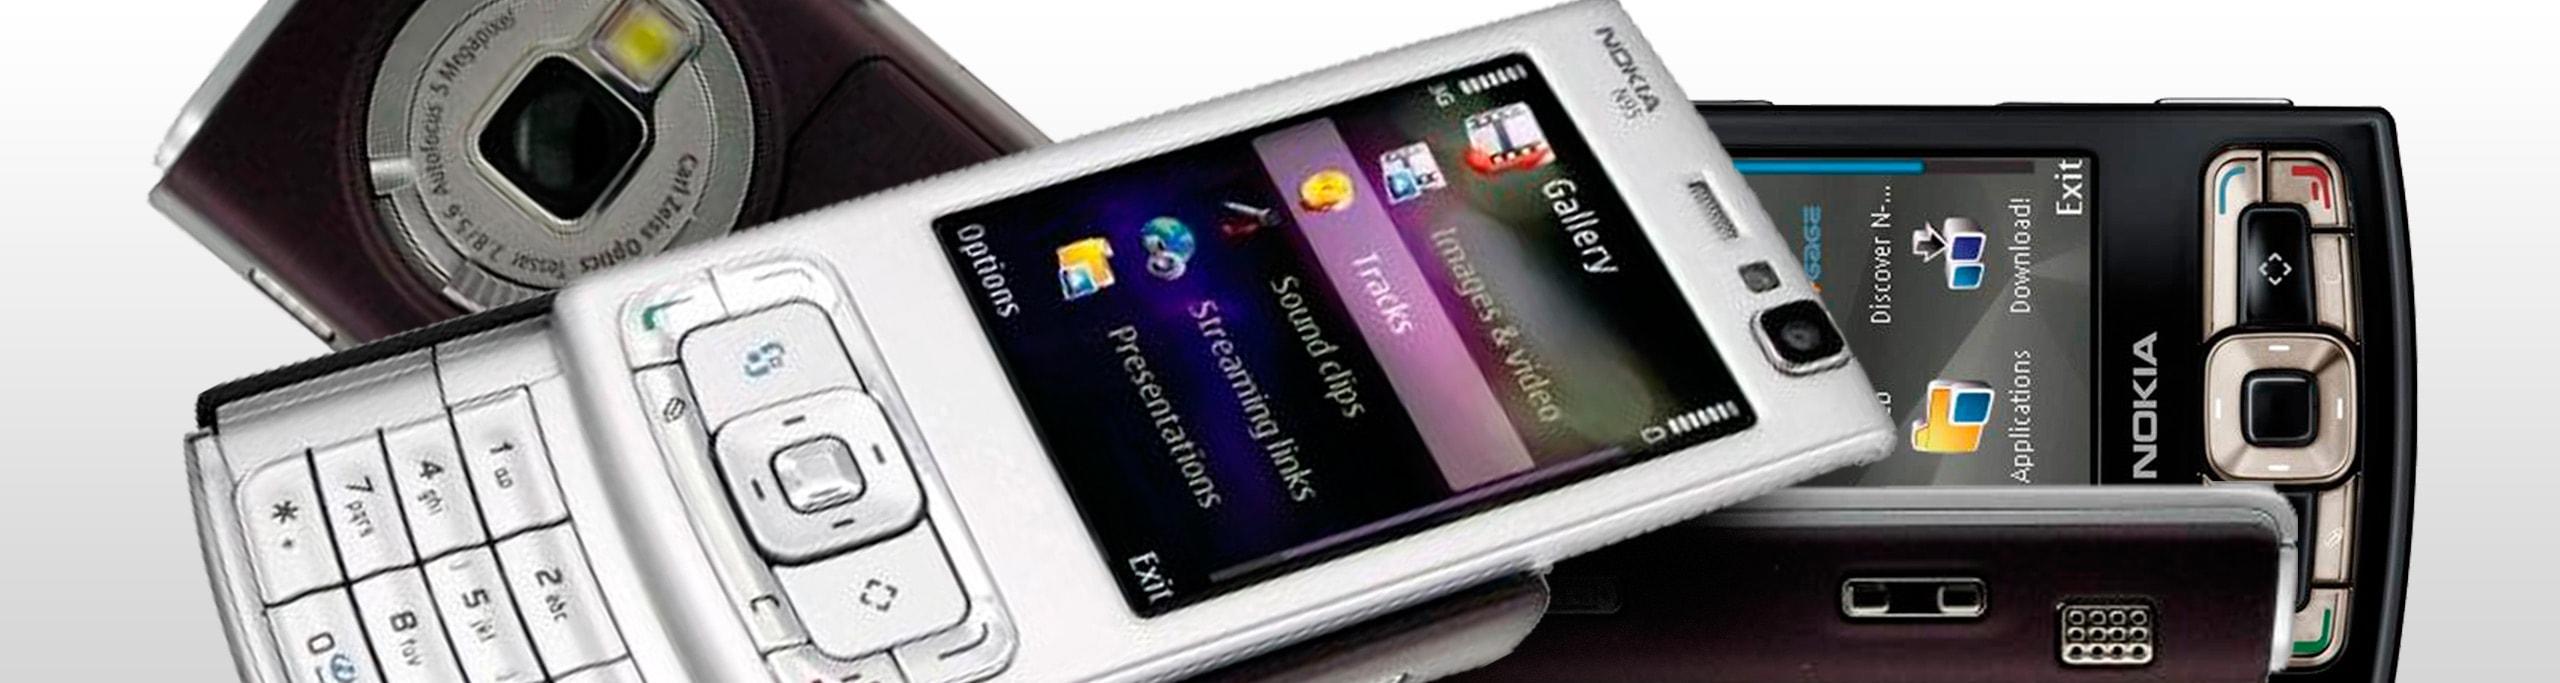 N95 (8Gb)